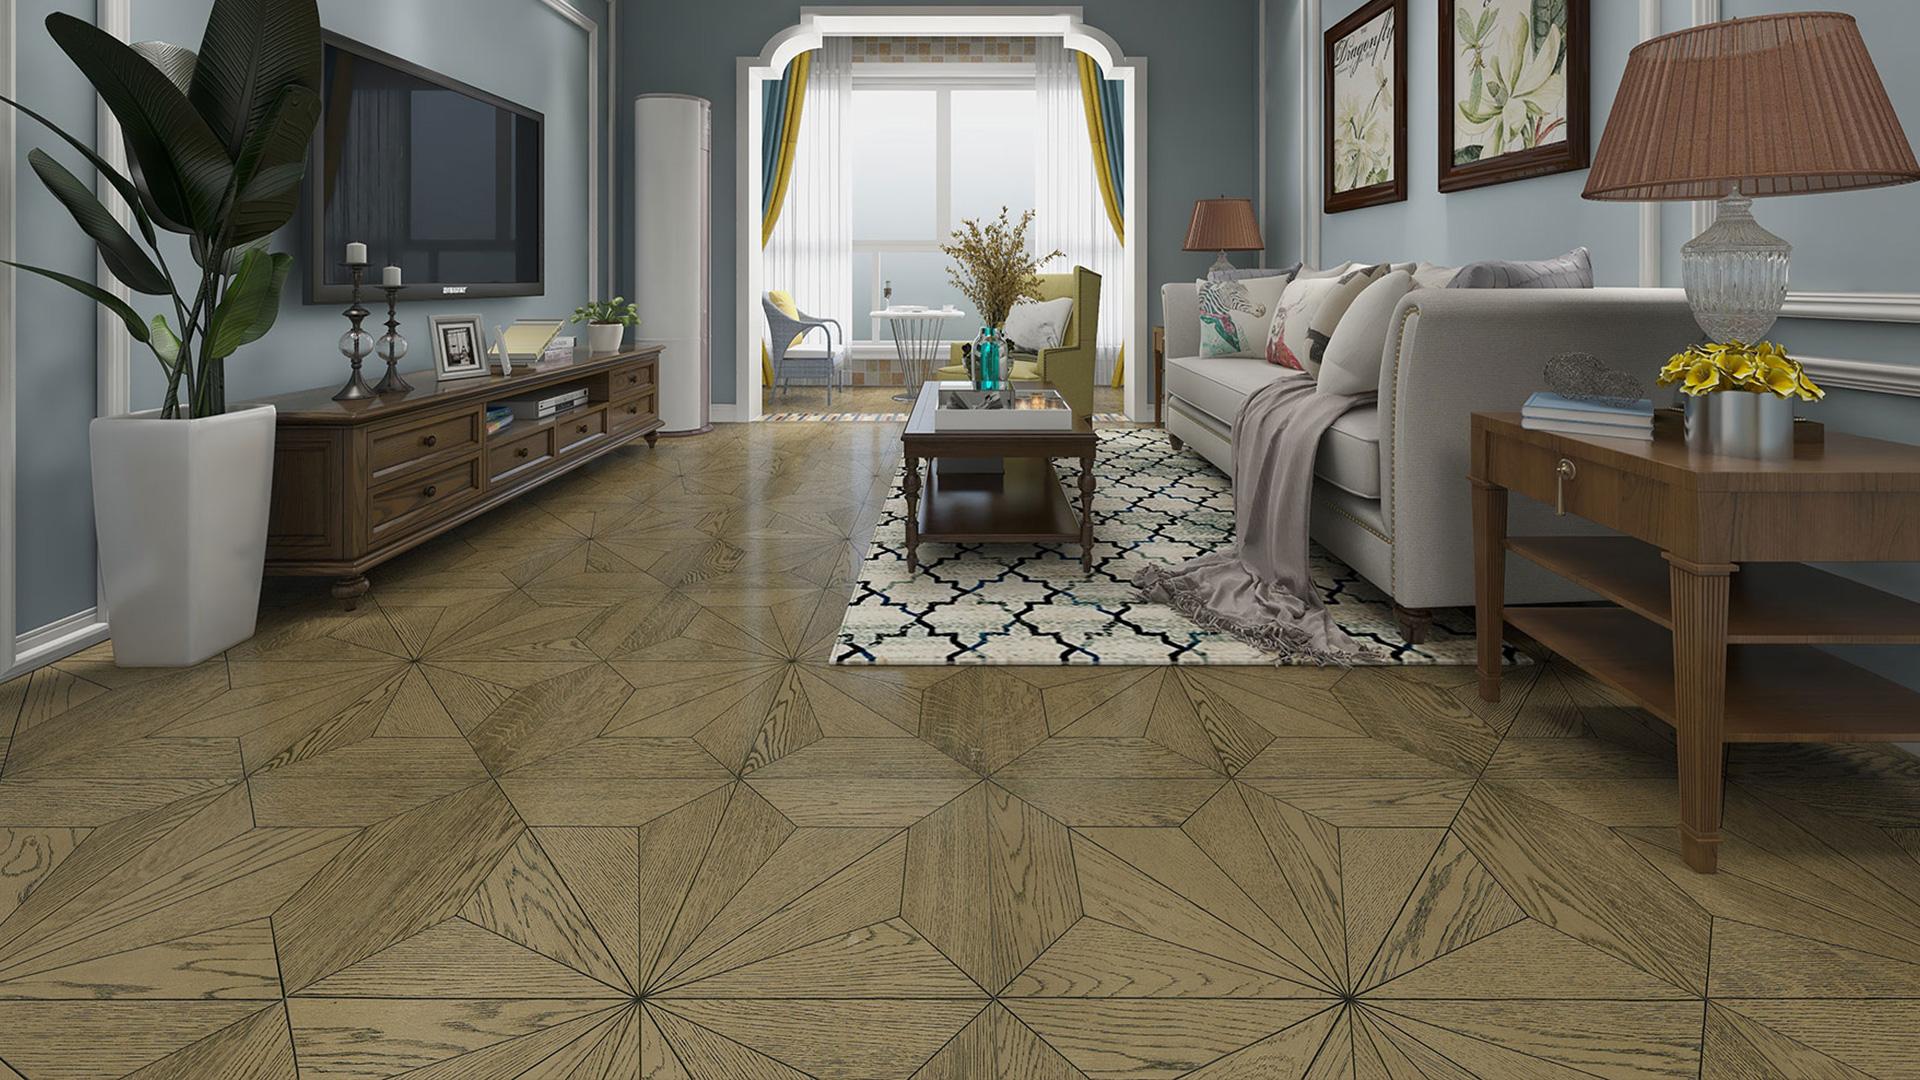 意大利GARBELOTTO实木复合地板,香槟金橡木罗马方形拼